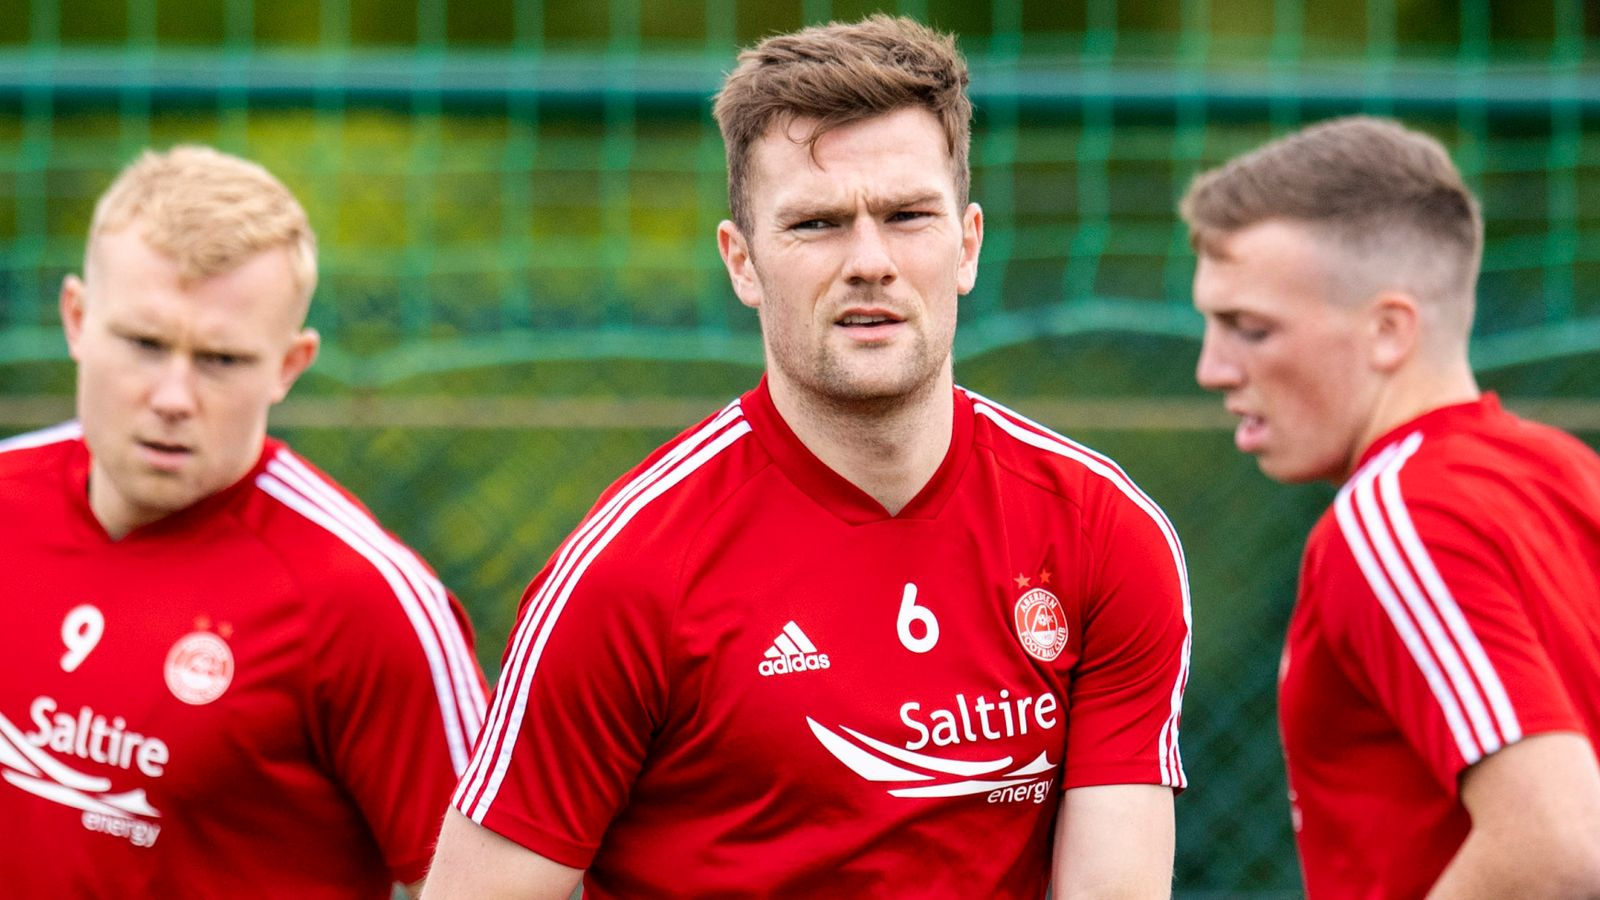 El defensor de Aberdeen Michael Devlin no puede ver el final de temporada | Noticias de futbol 12